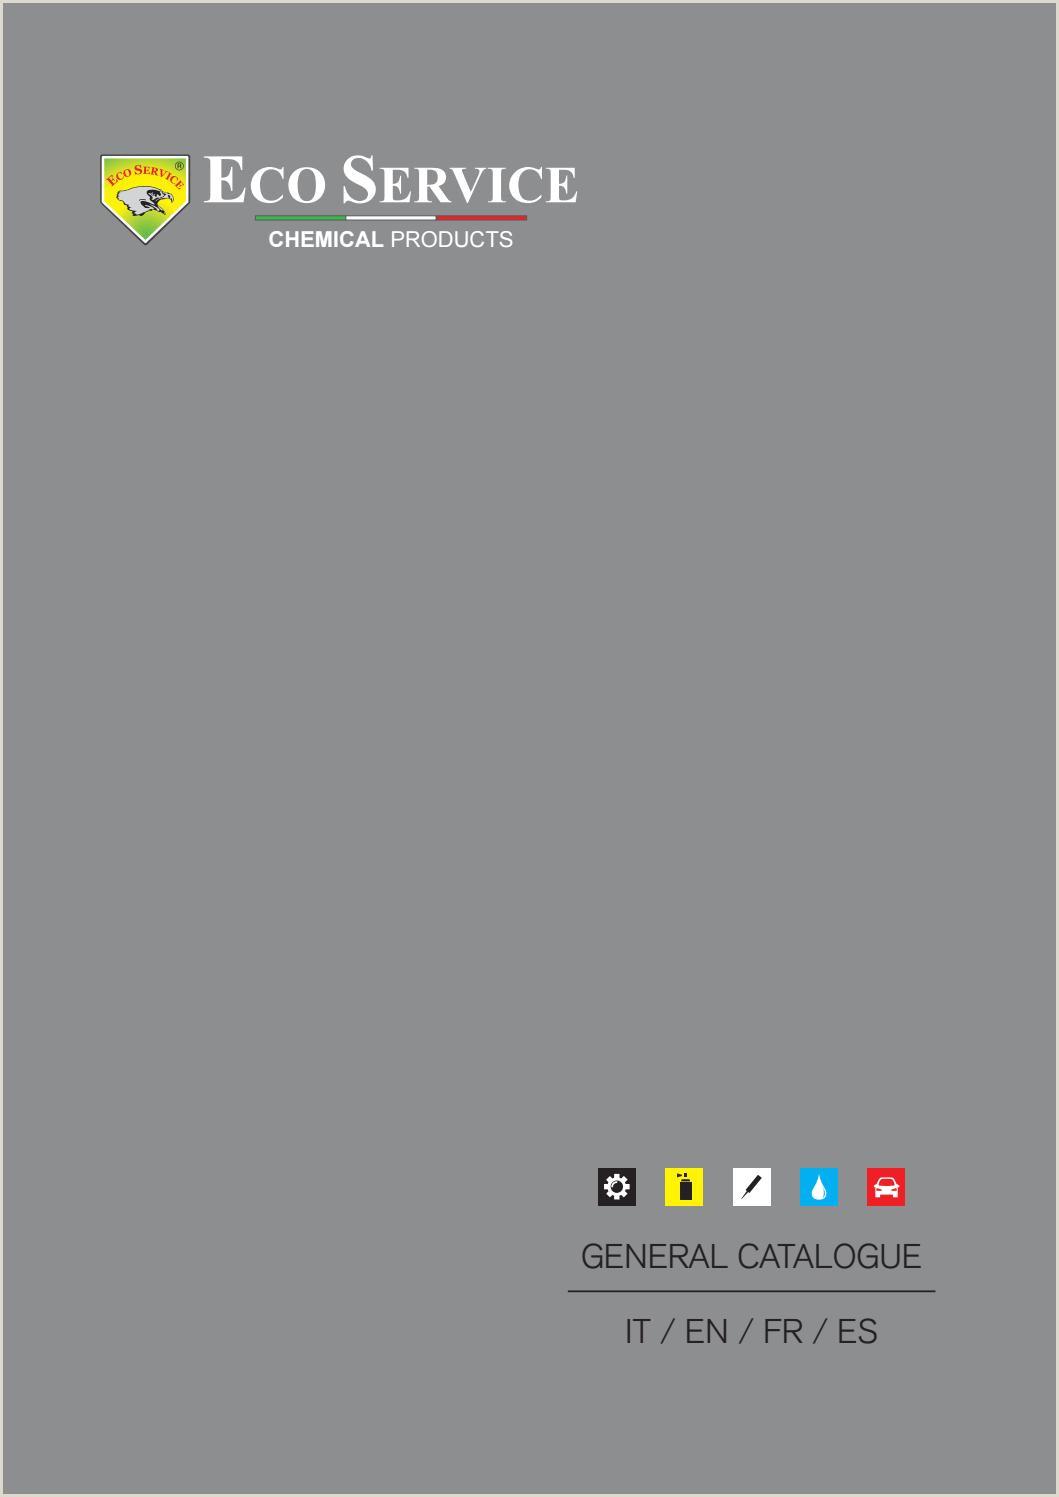 Descargar formato De Hoja De Vida Gris Ecoservice Catalogo by E T Edizioni Tecniche Srl issuu